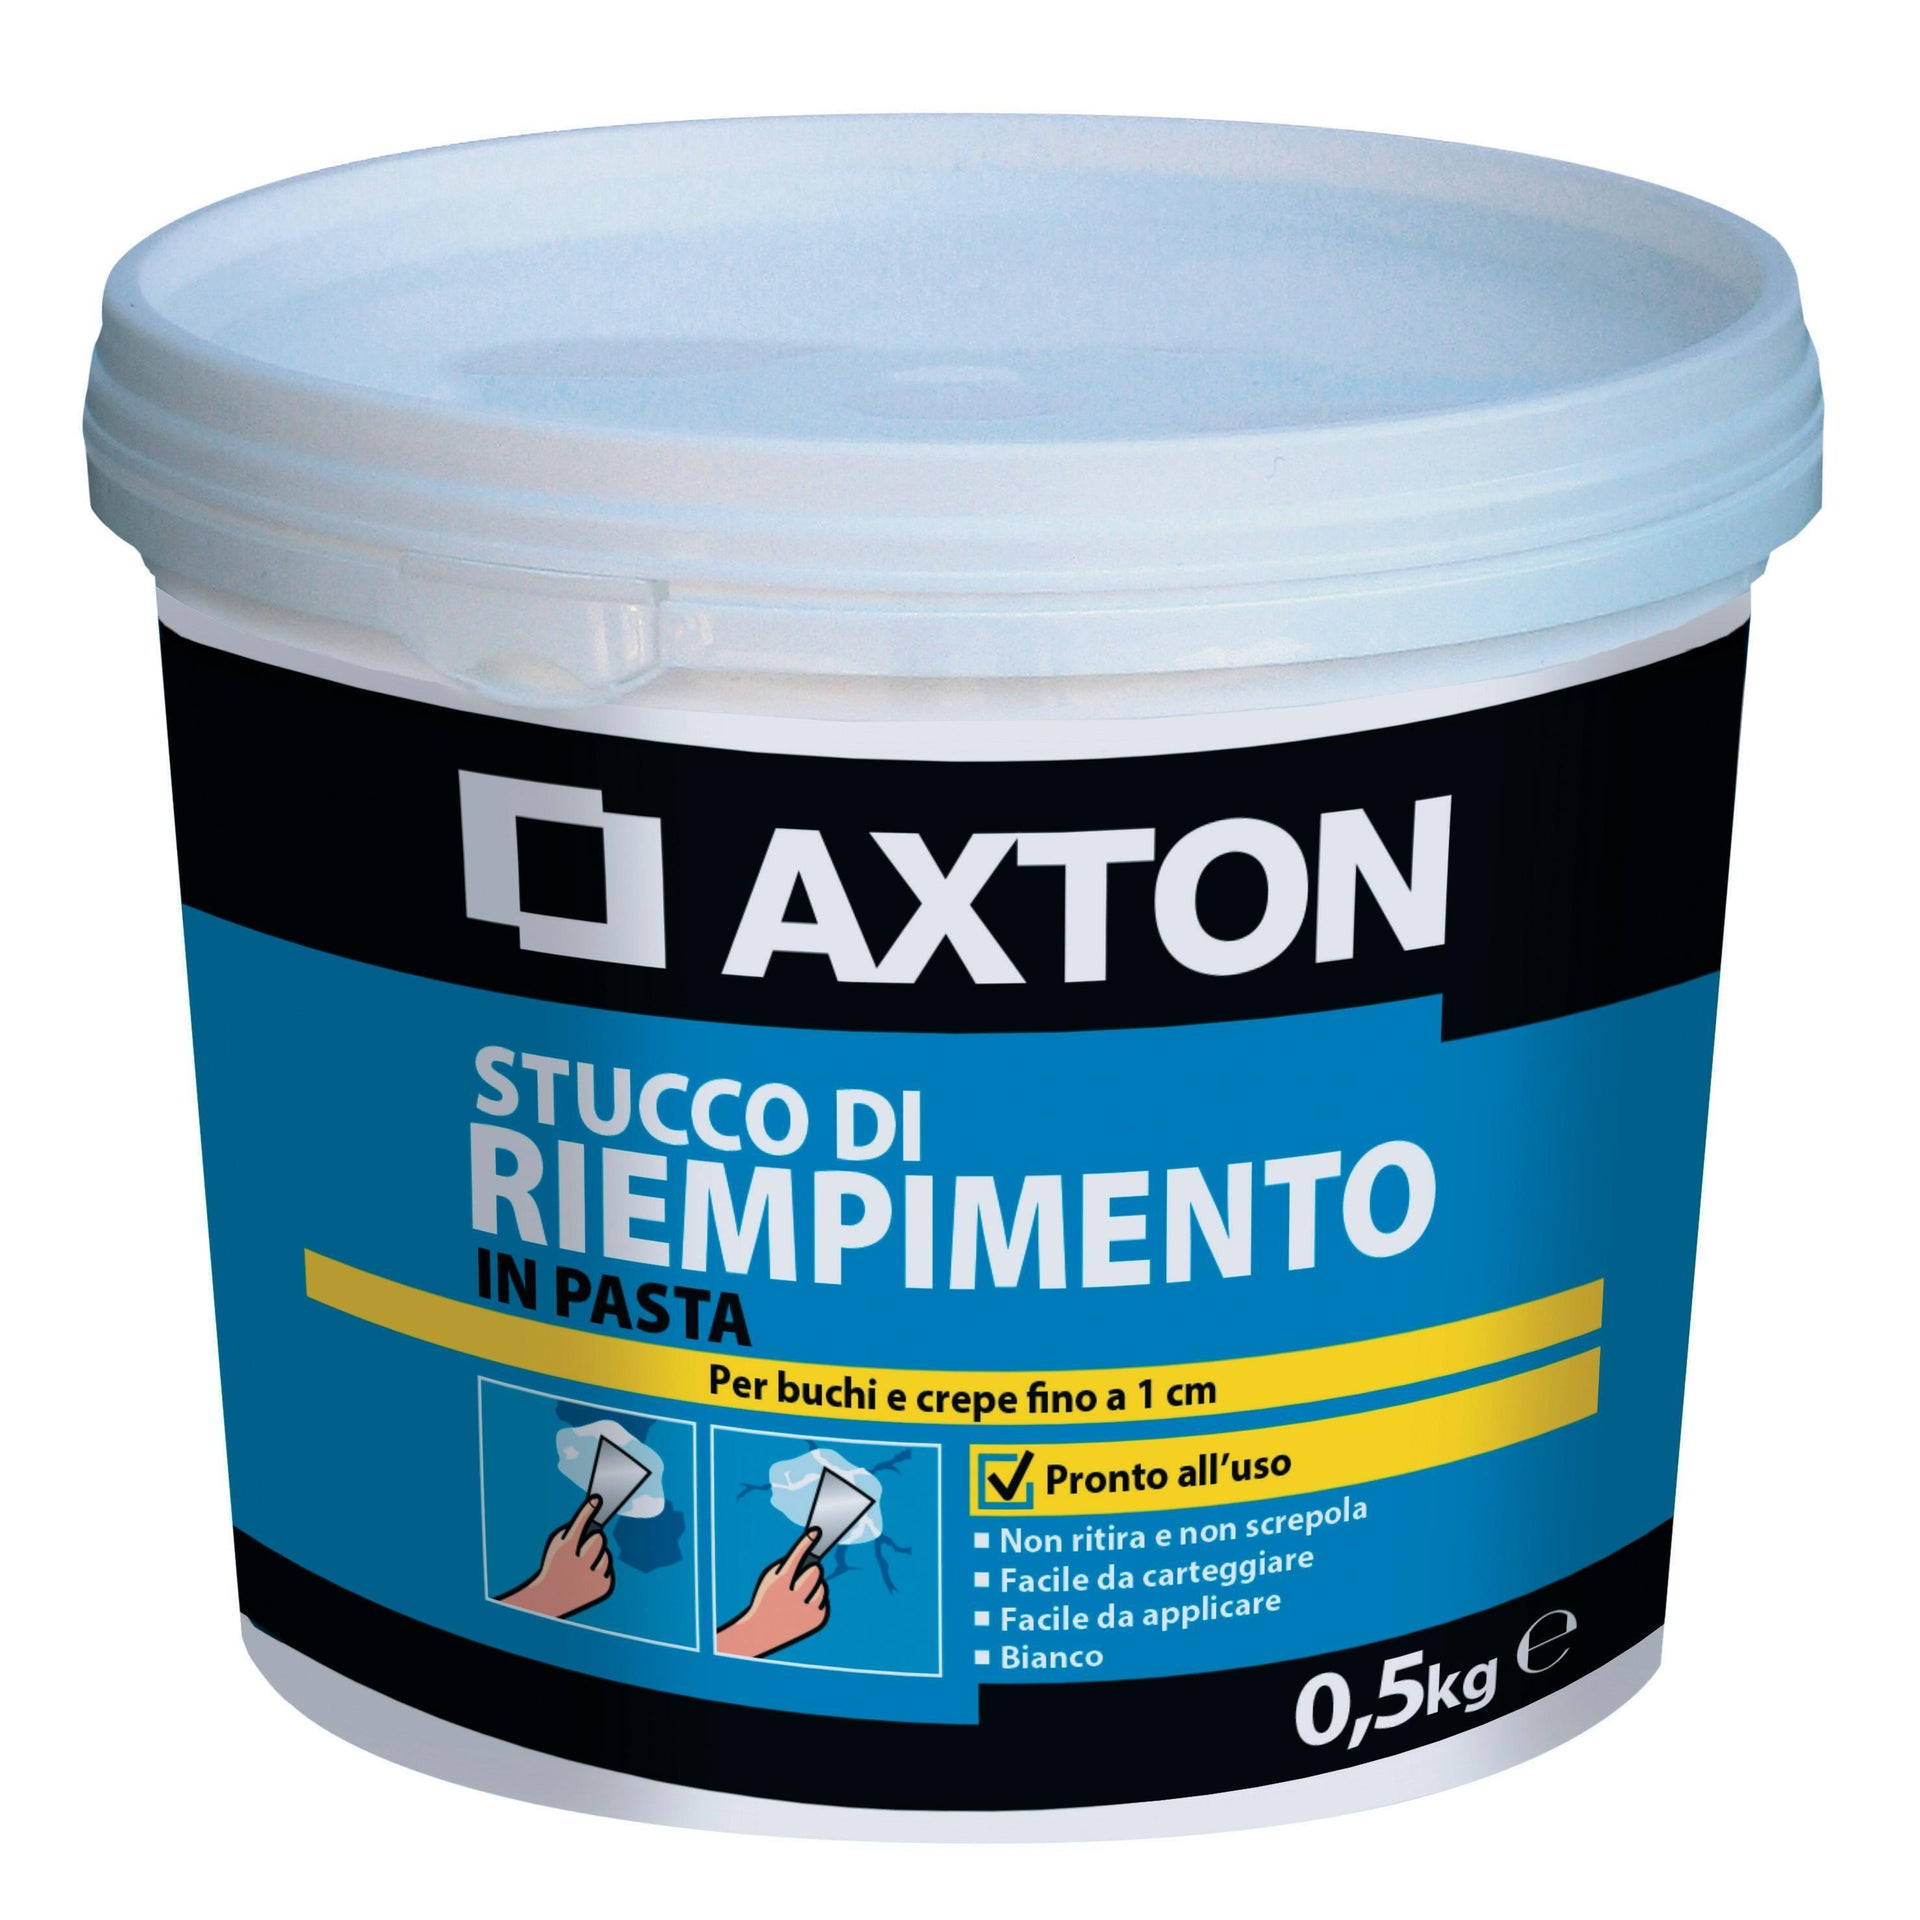 Stucco in pasta AXTON Riempitivo 500 g bianco - 1